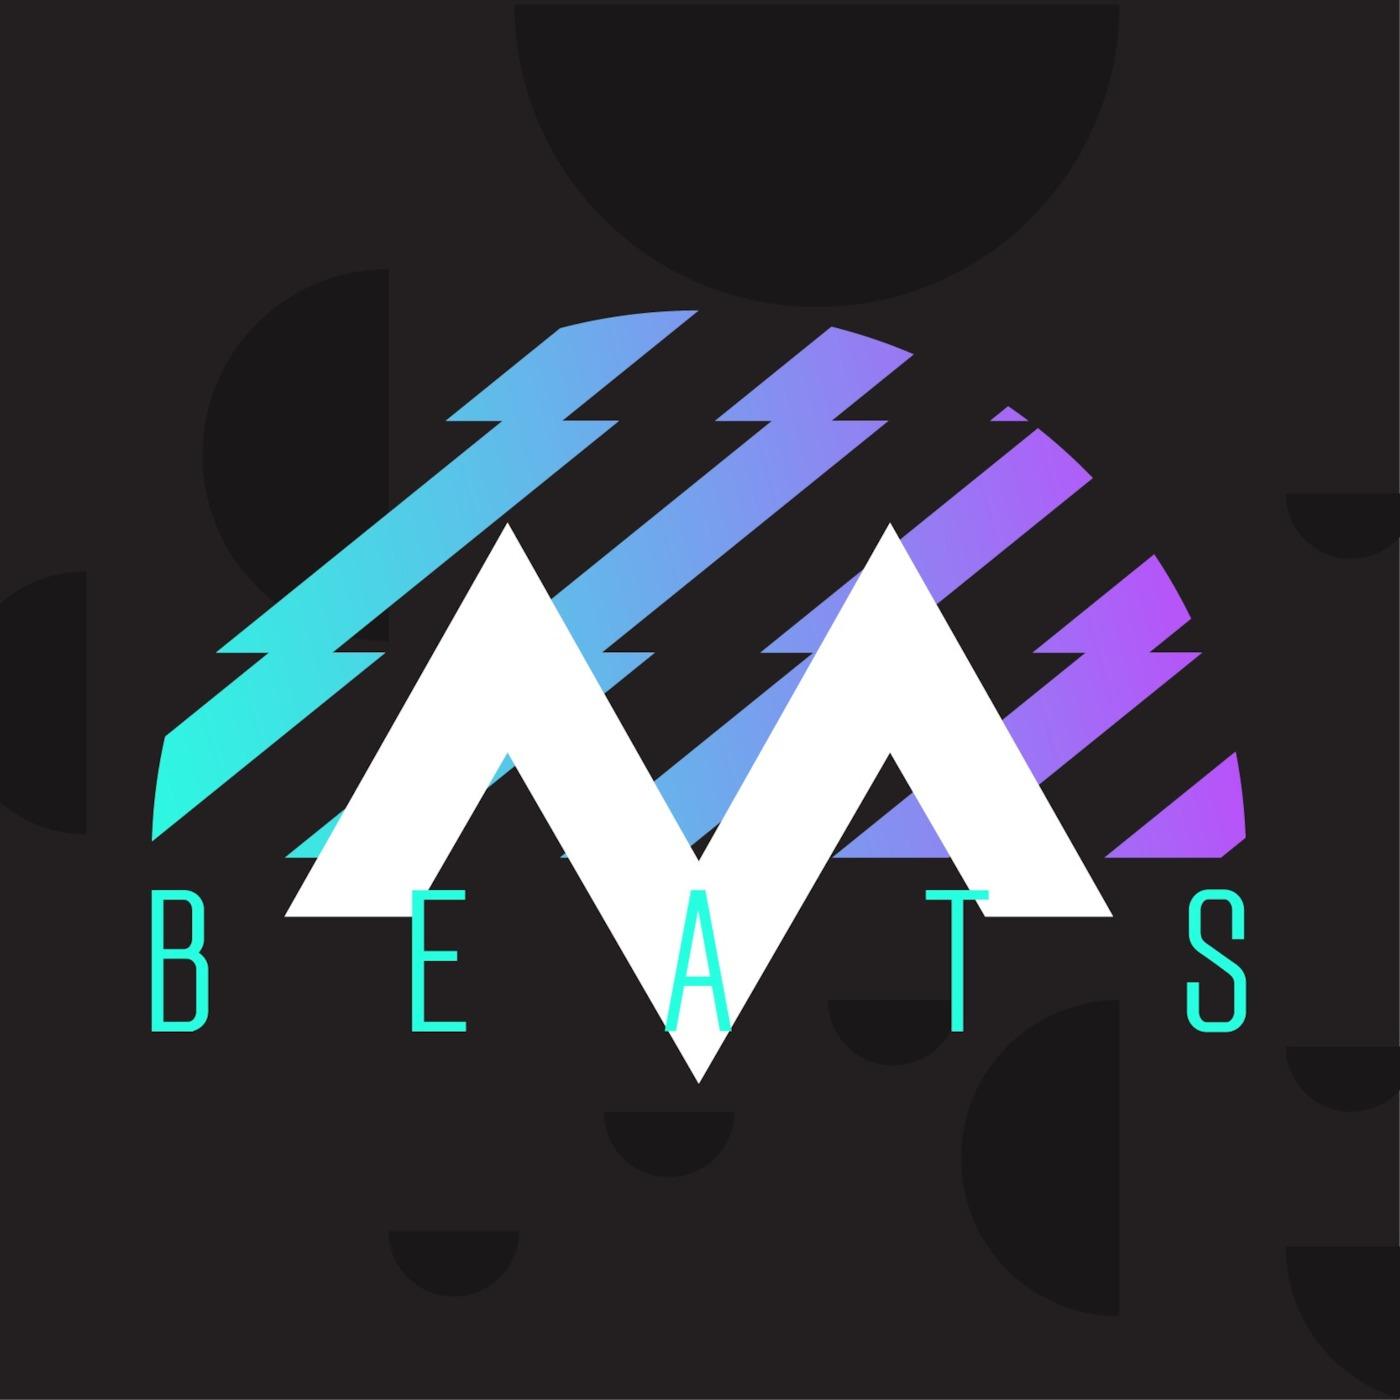 #MendozaBeats